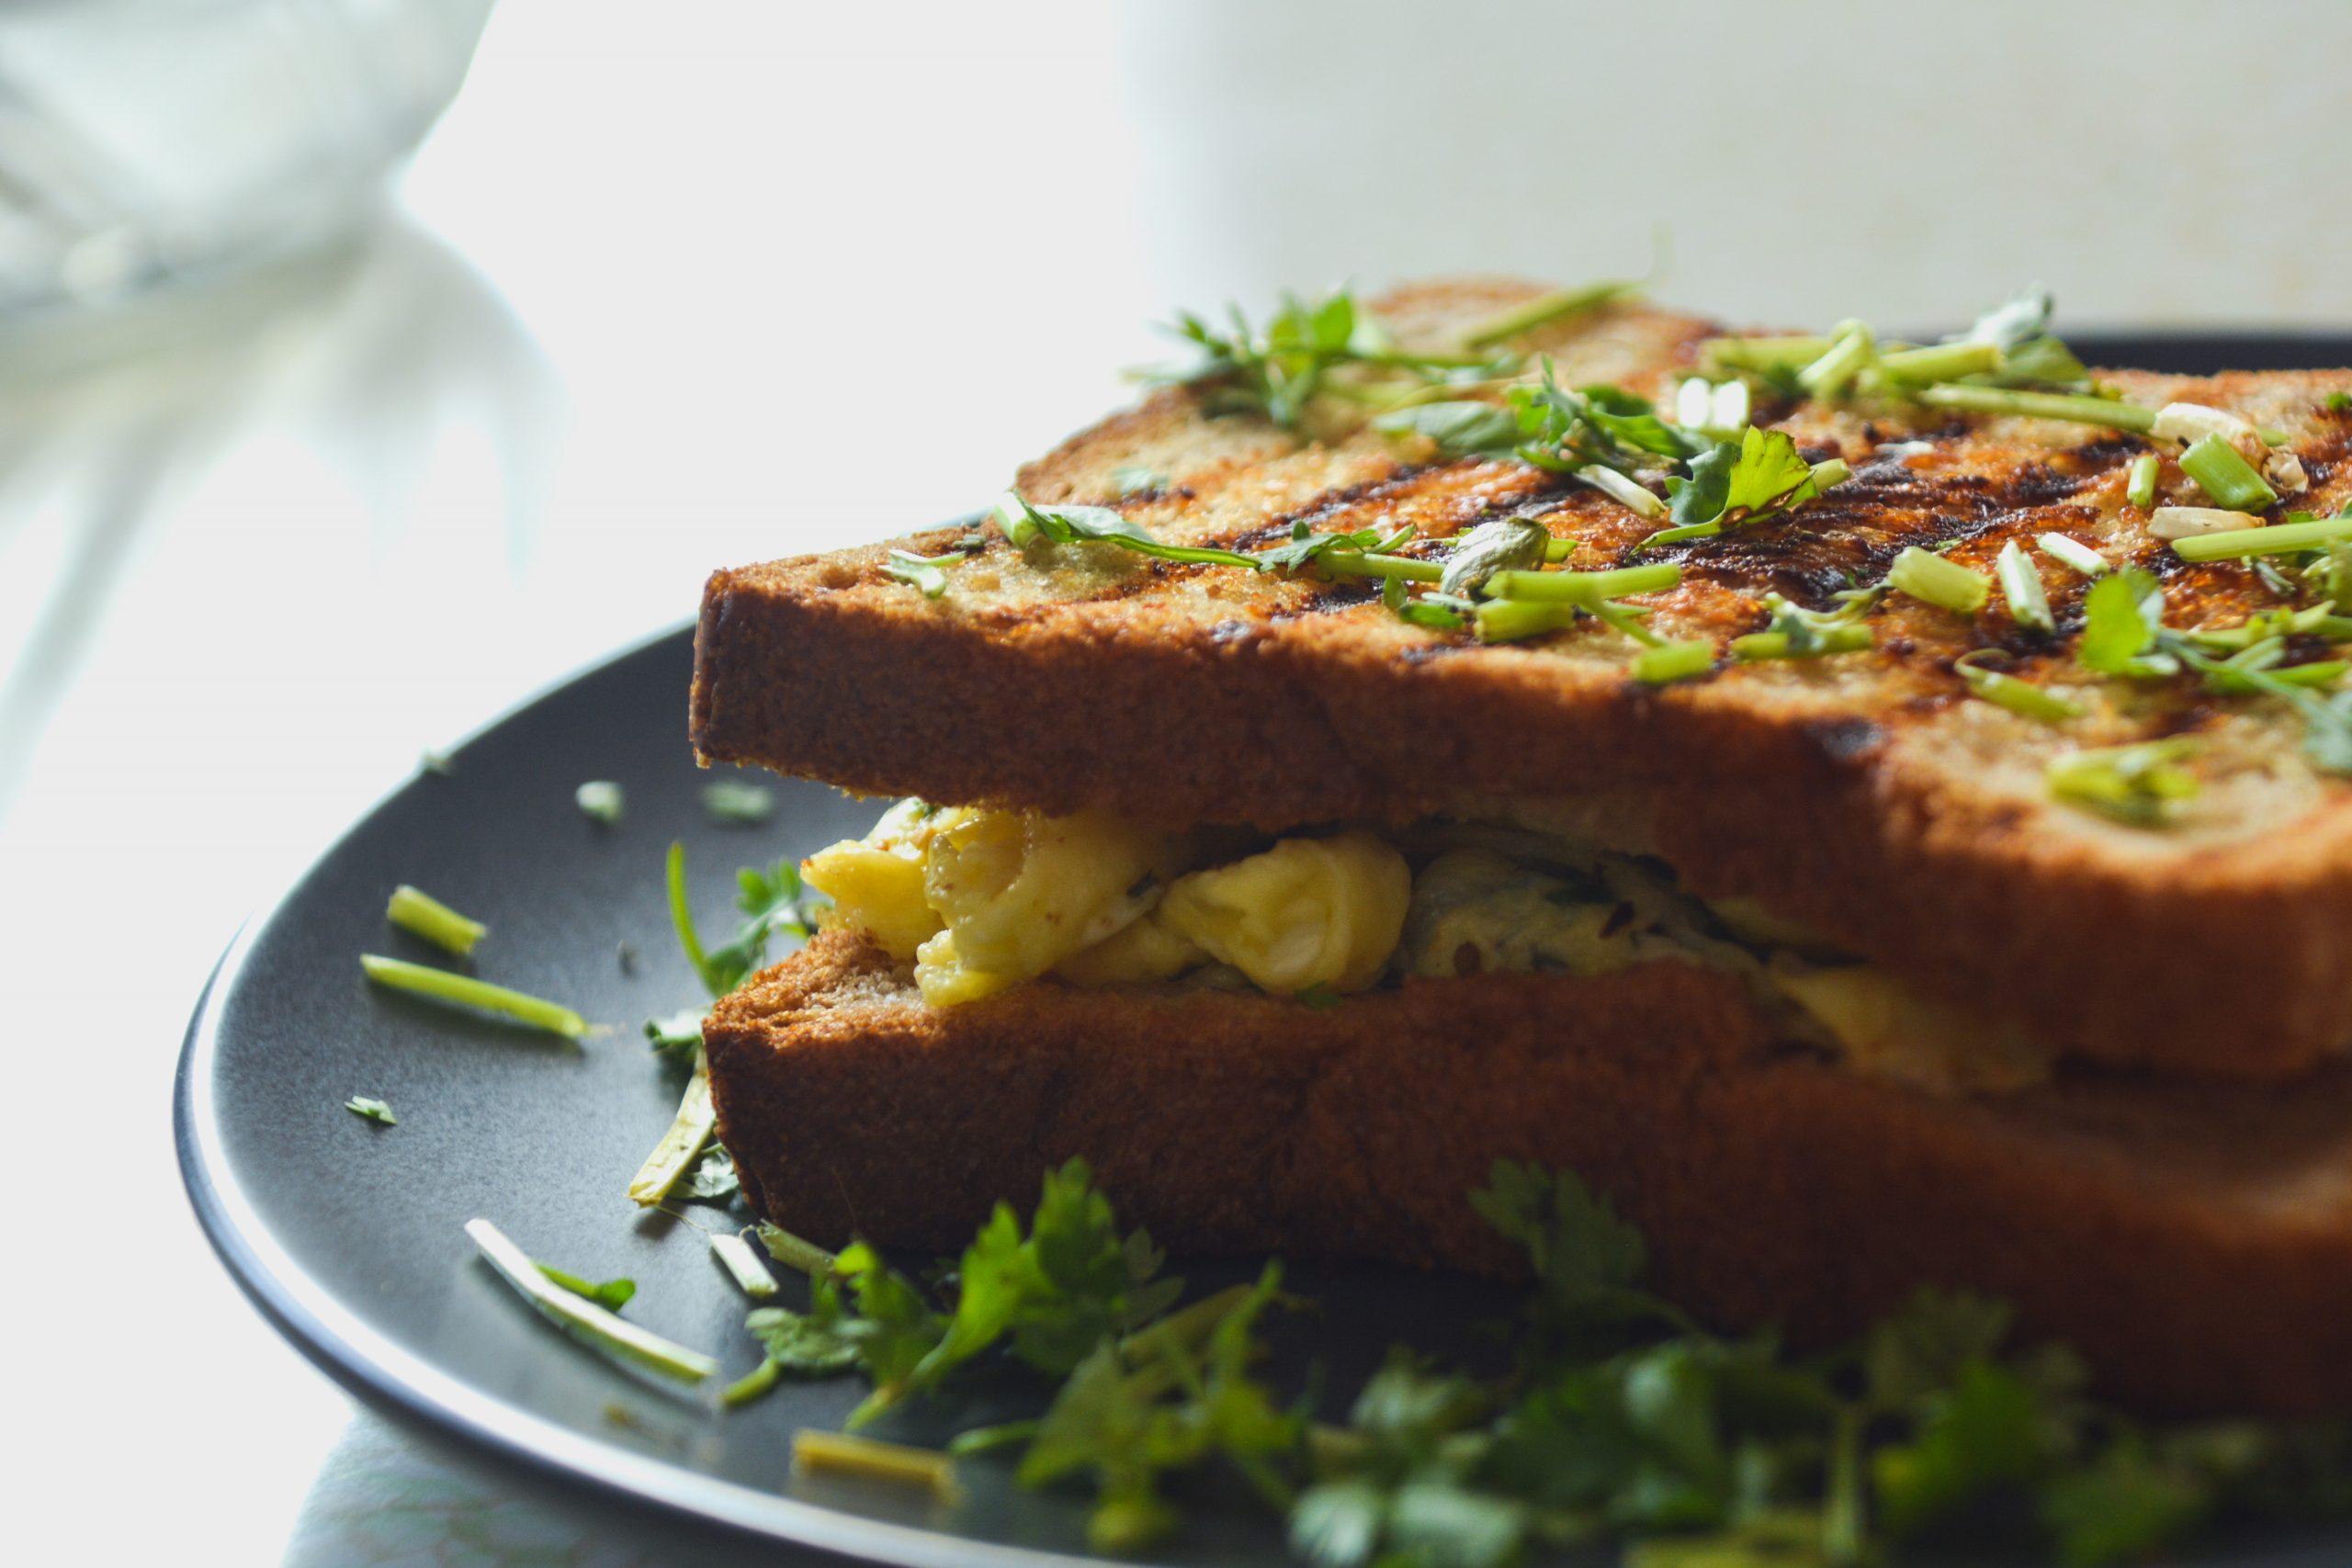 A veg sandwich